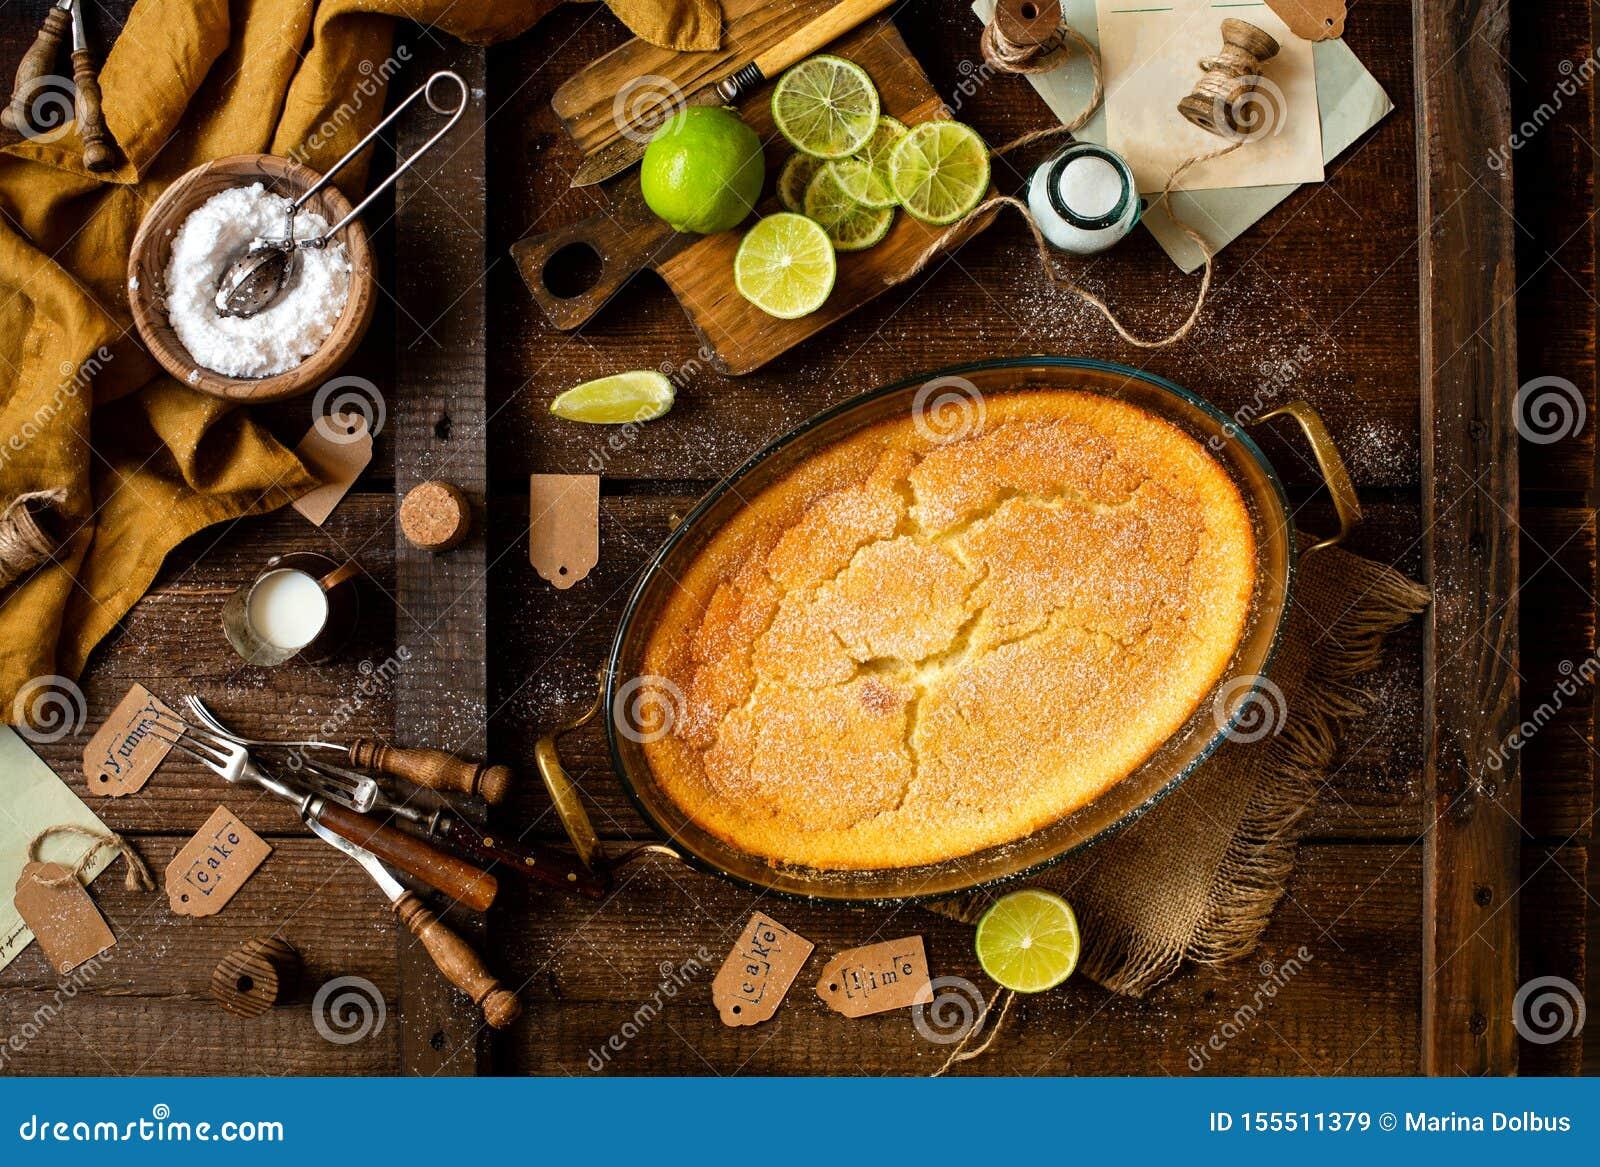 Över huvudet skott av den hemlagade eldfasta formen, pudding, ostkaka, syrligt, paj eller mousse i oval exponeringsglasbakningmat